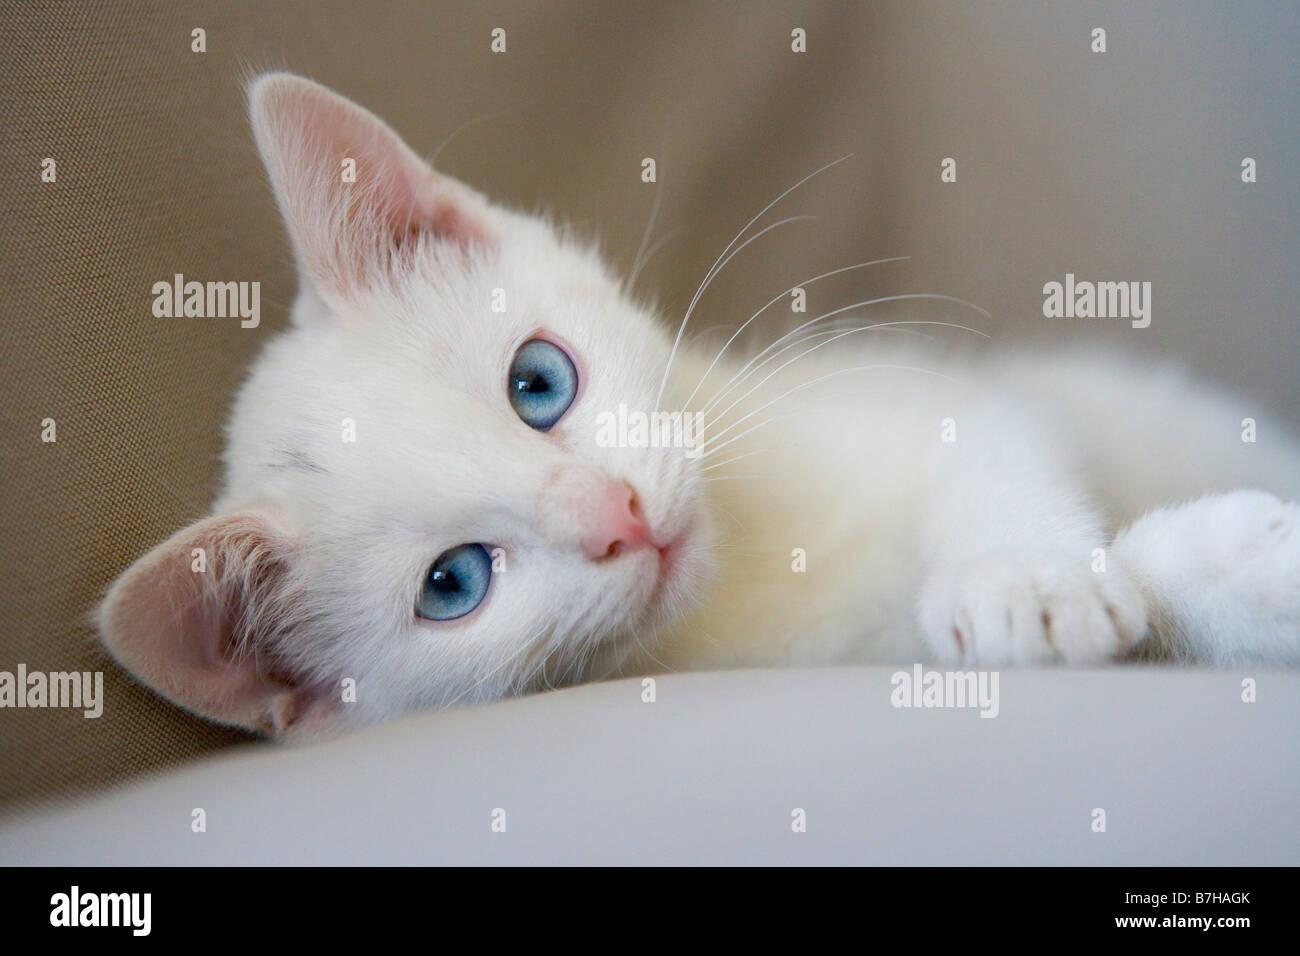 Chaton blanc aux yeux bleus Photo Stock